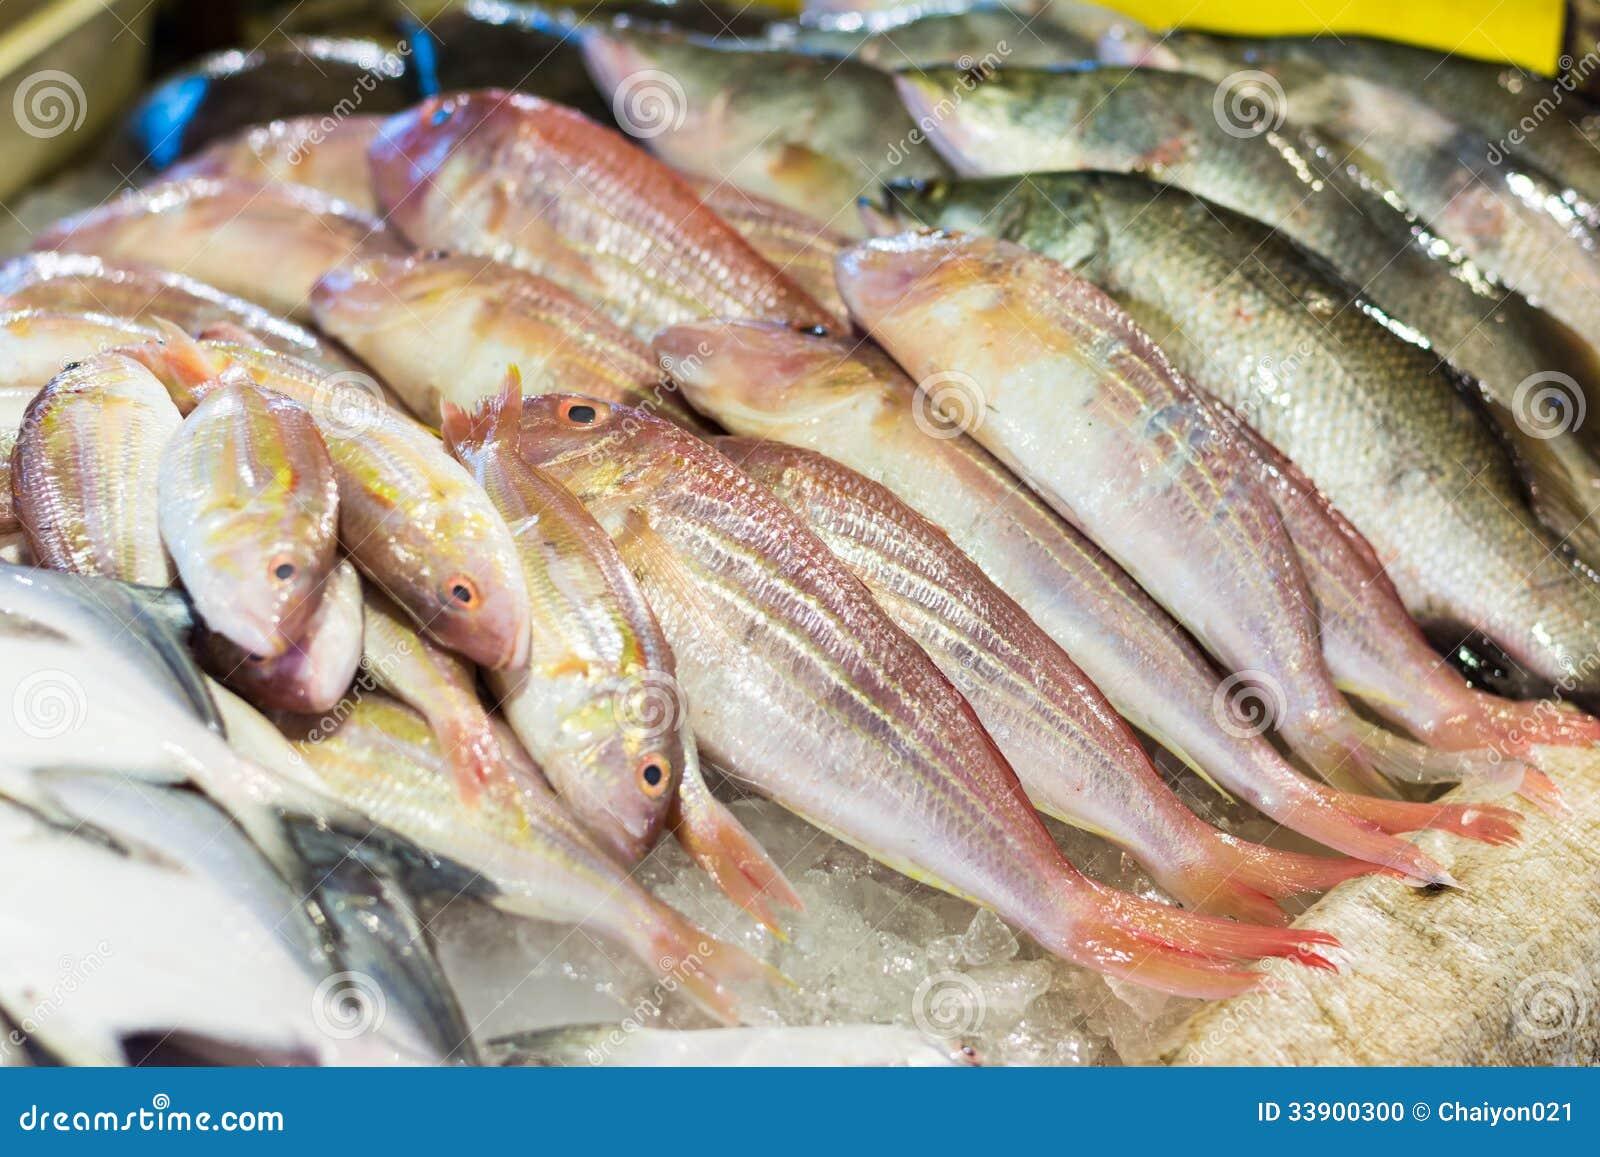 Pesce fresco dell 39 orata e del branzino fotografia stock - Pagina di colorazione del pesce ...